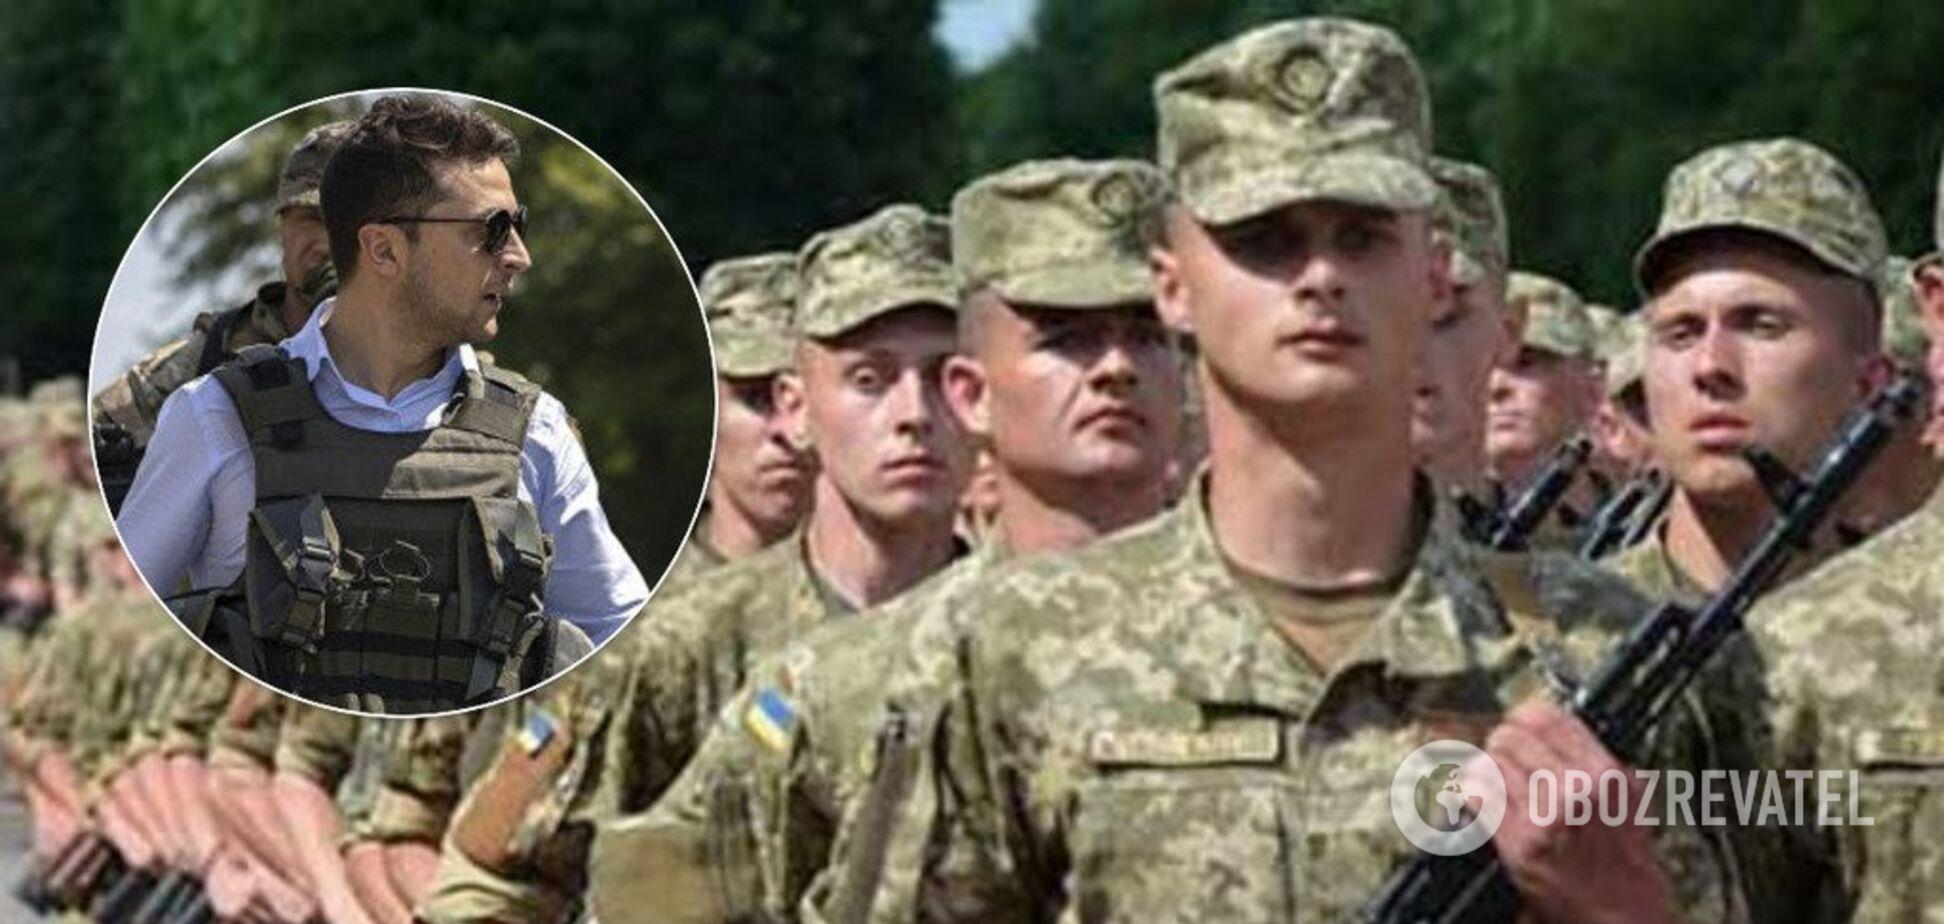 Зеленский изменил призывной возраст в Украине: кого заберут в армию в 2020-м